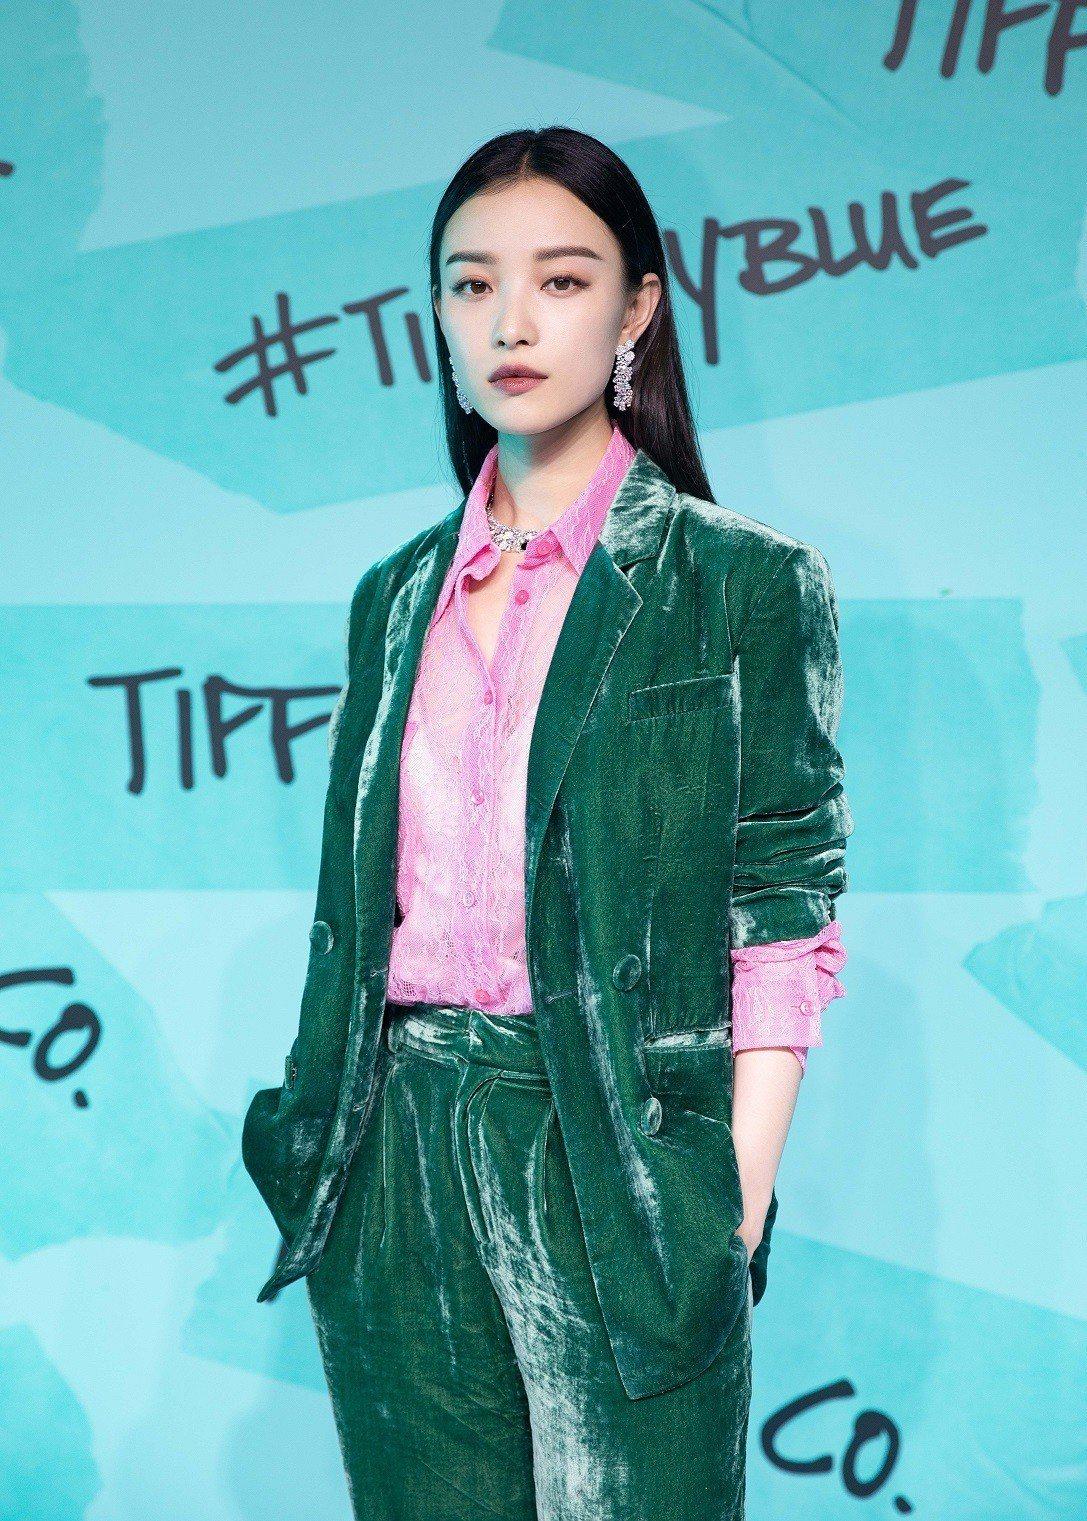 纯妃脱下莫兰迪色换Tiffany蓝还是不敌倪妮美